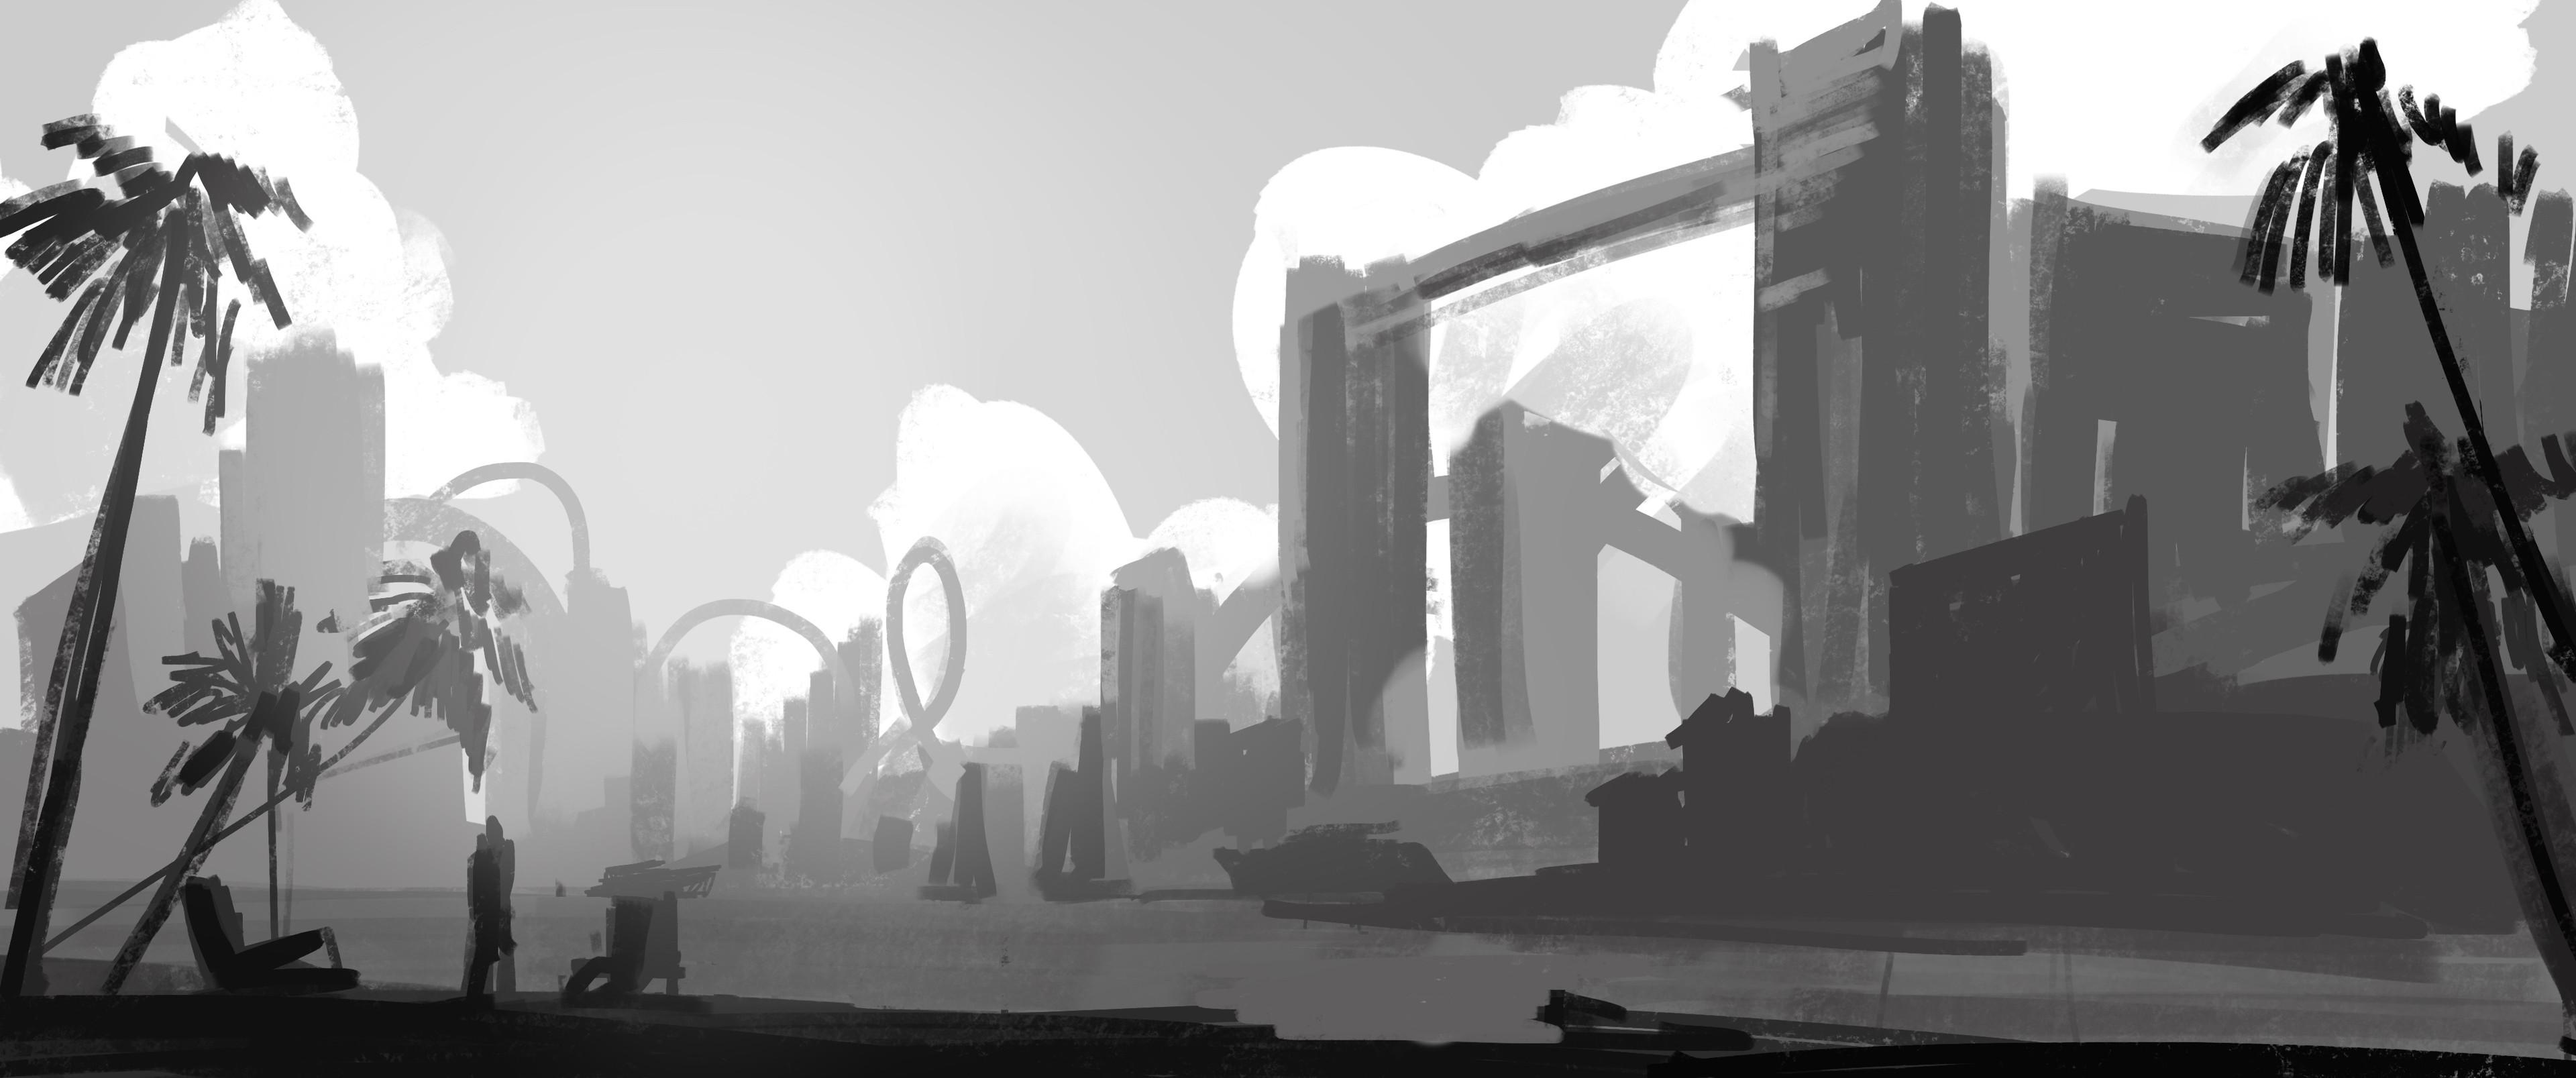 Vacation Island - Grey sketch